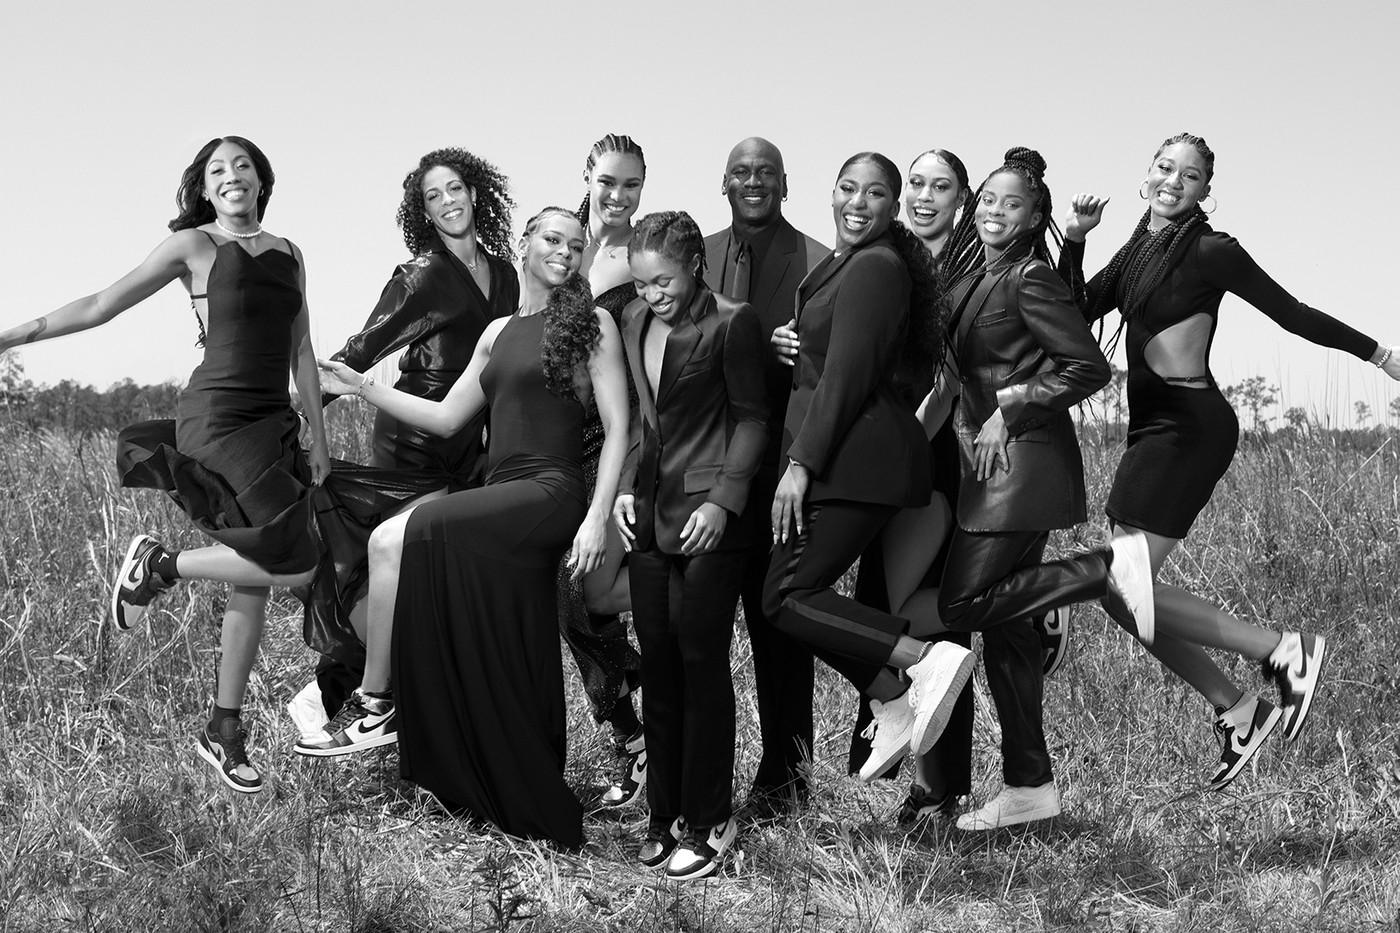 Восемь баскетболисток WNBA стали амбассадорами Nike Jordan - фото №1